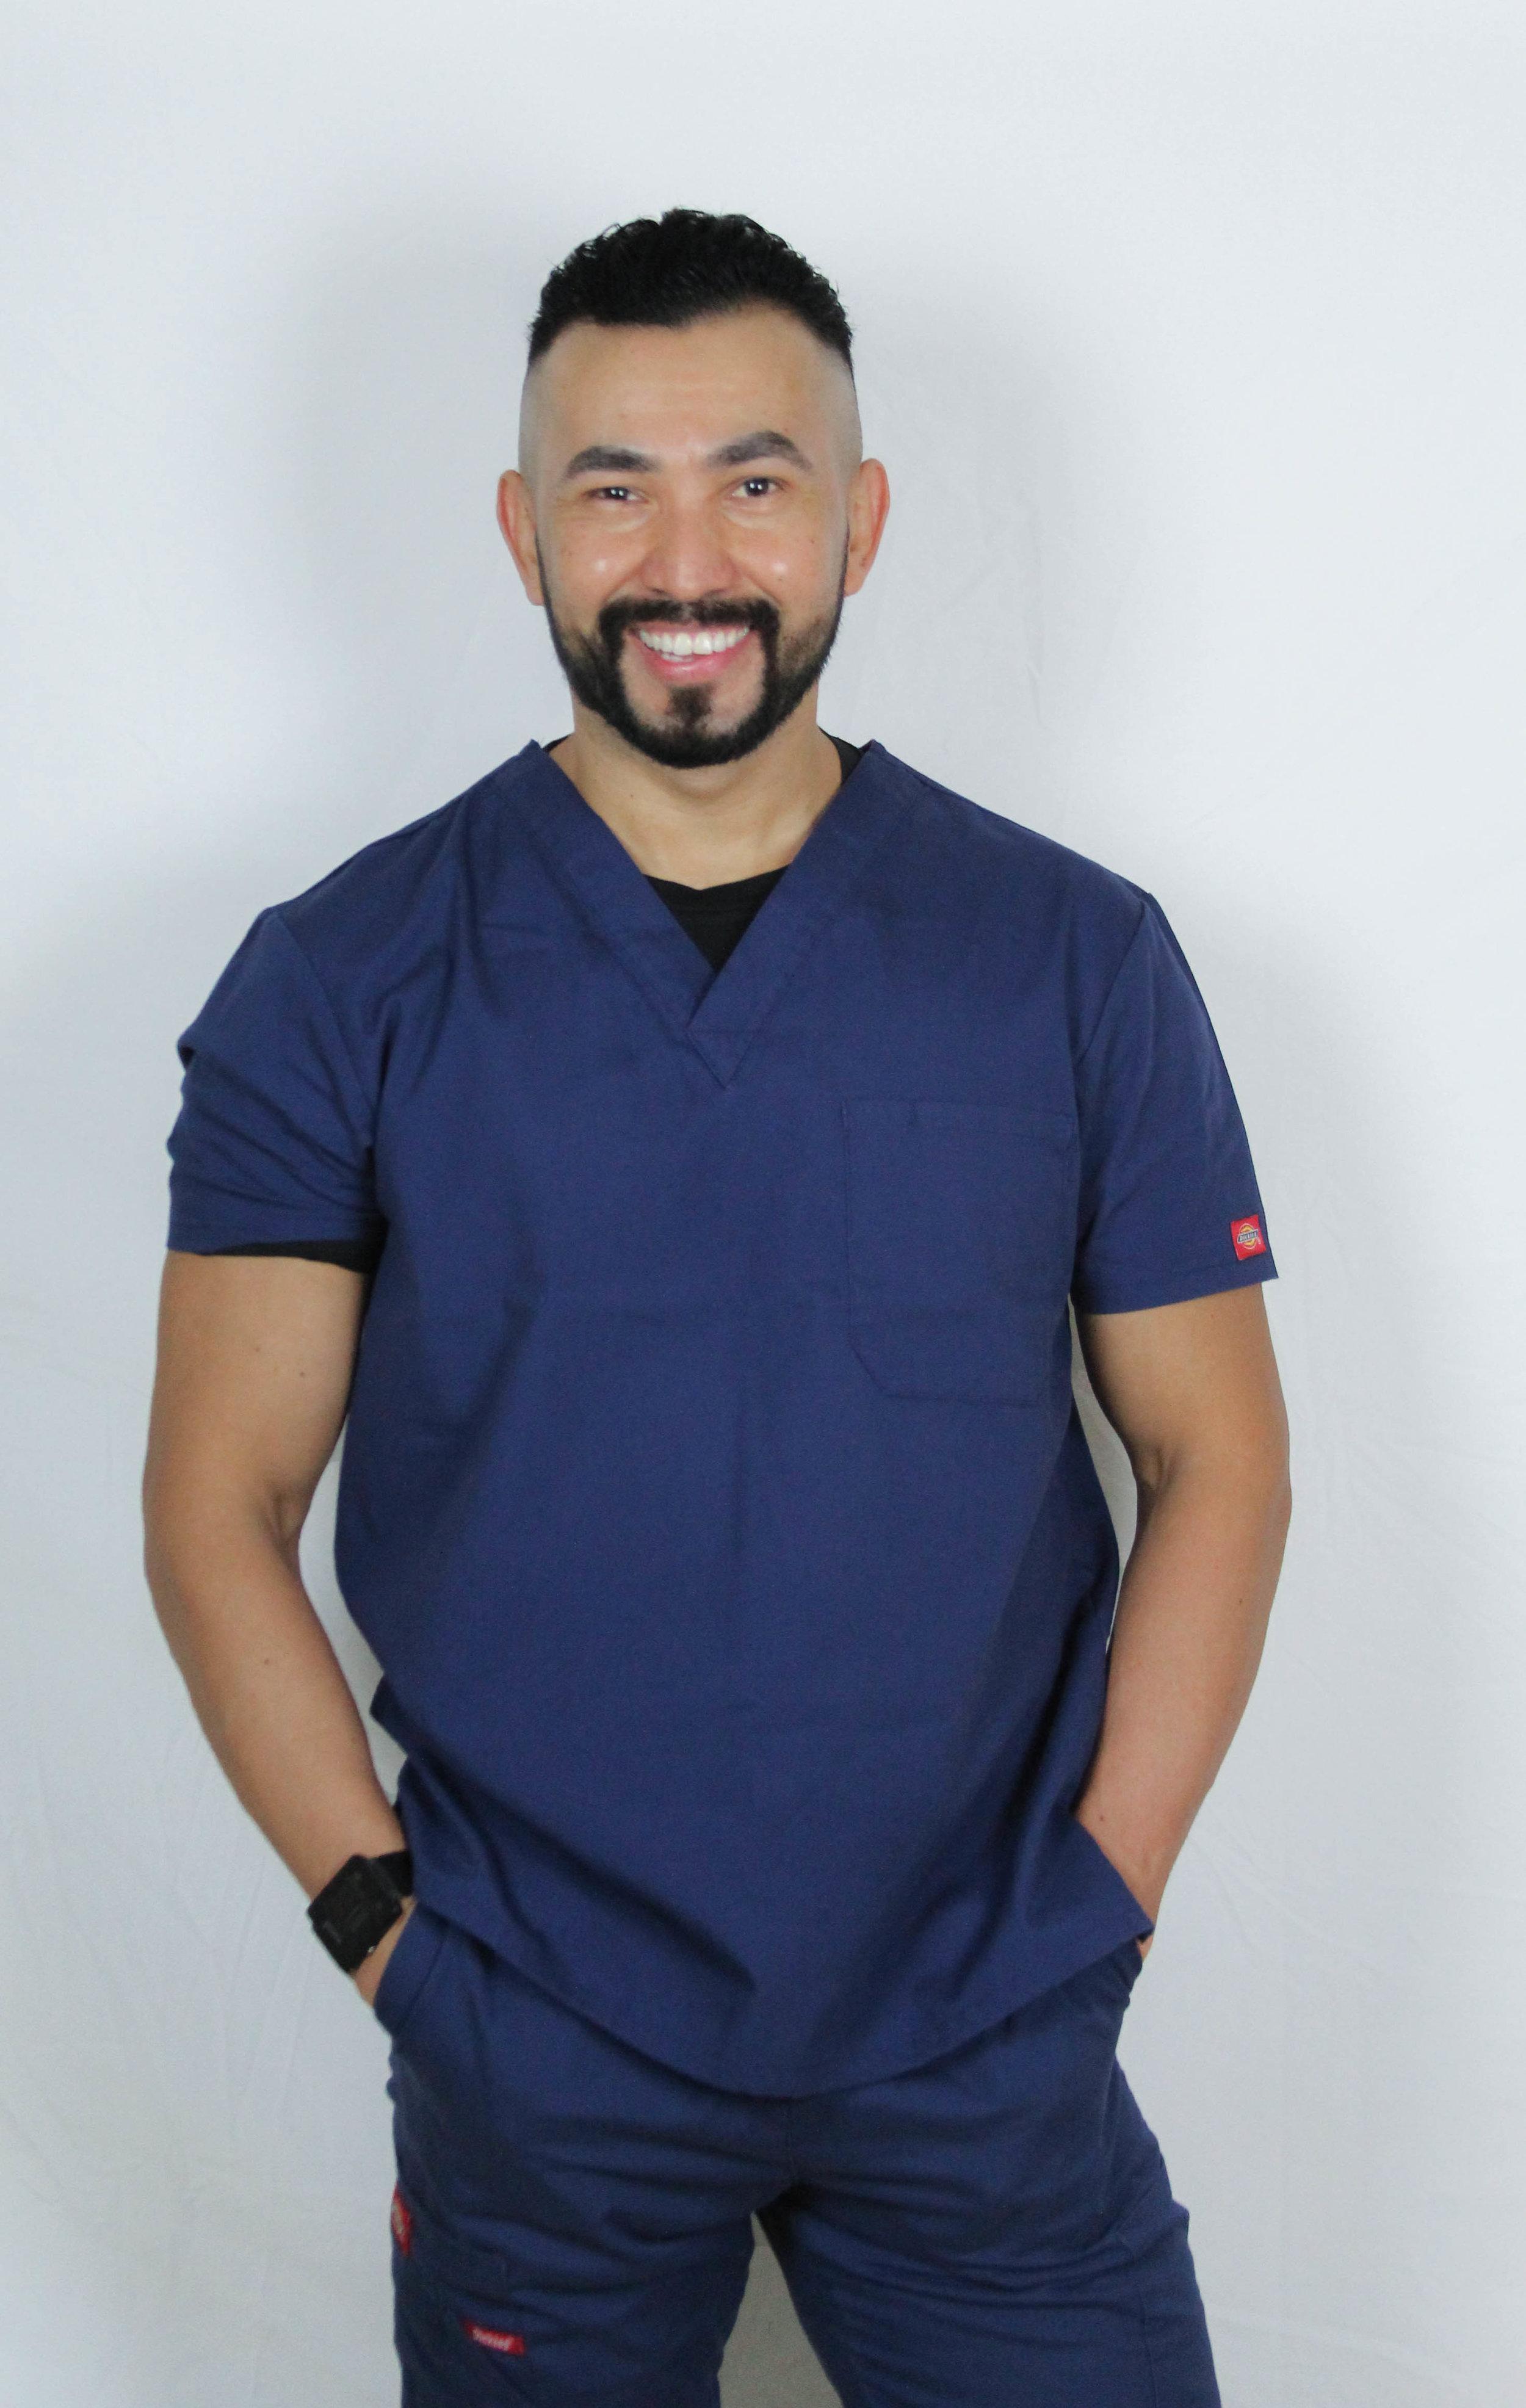 Daniel - Registered Dental Assistant